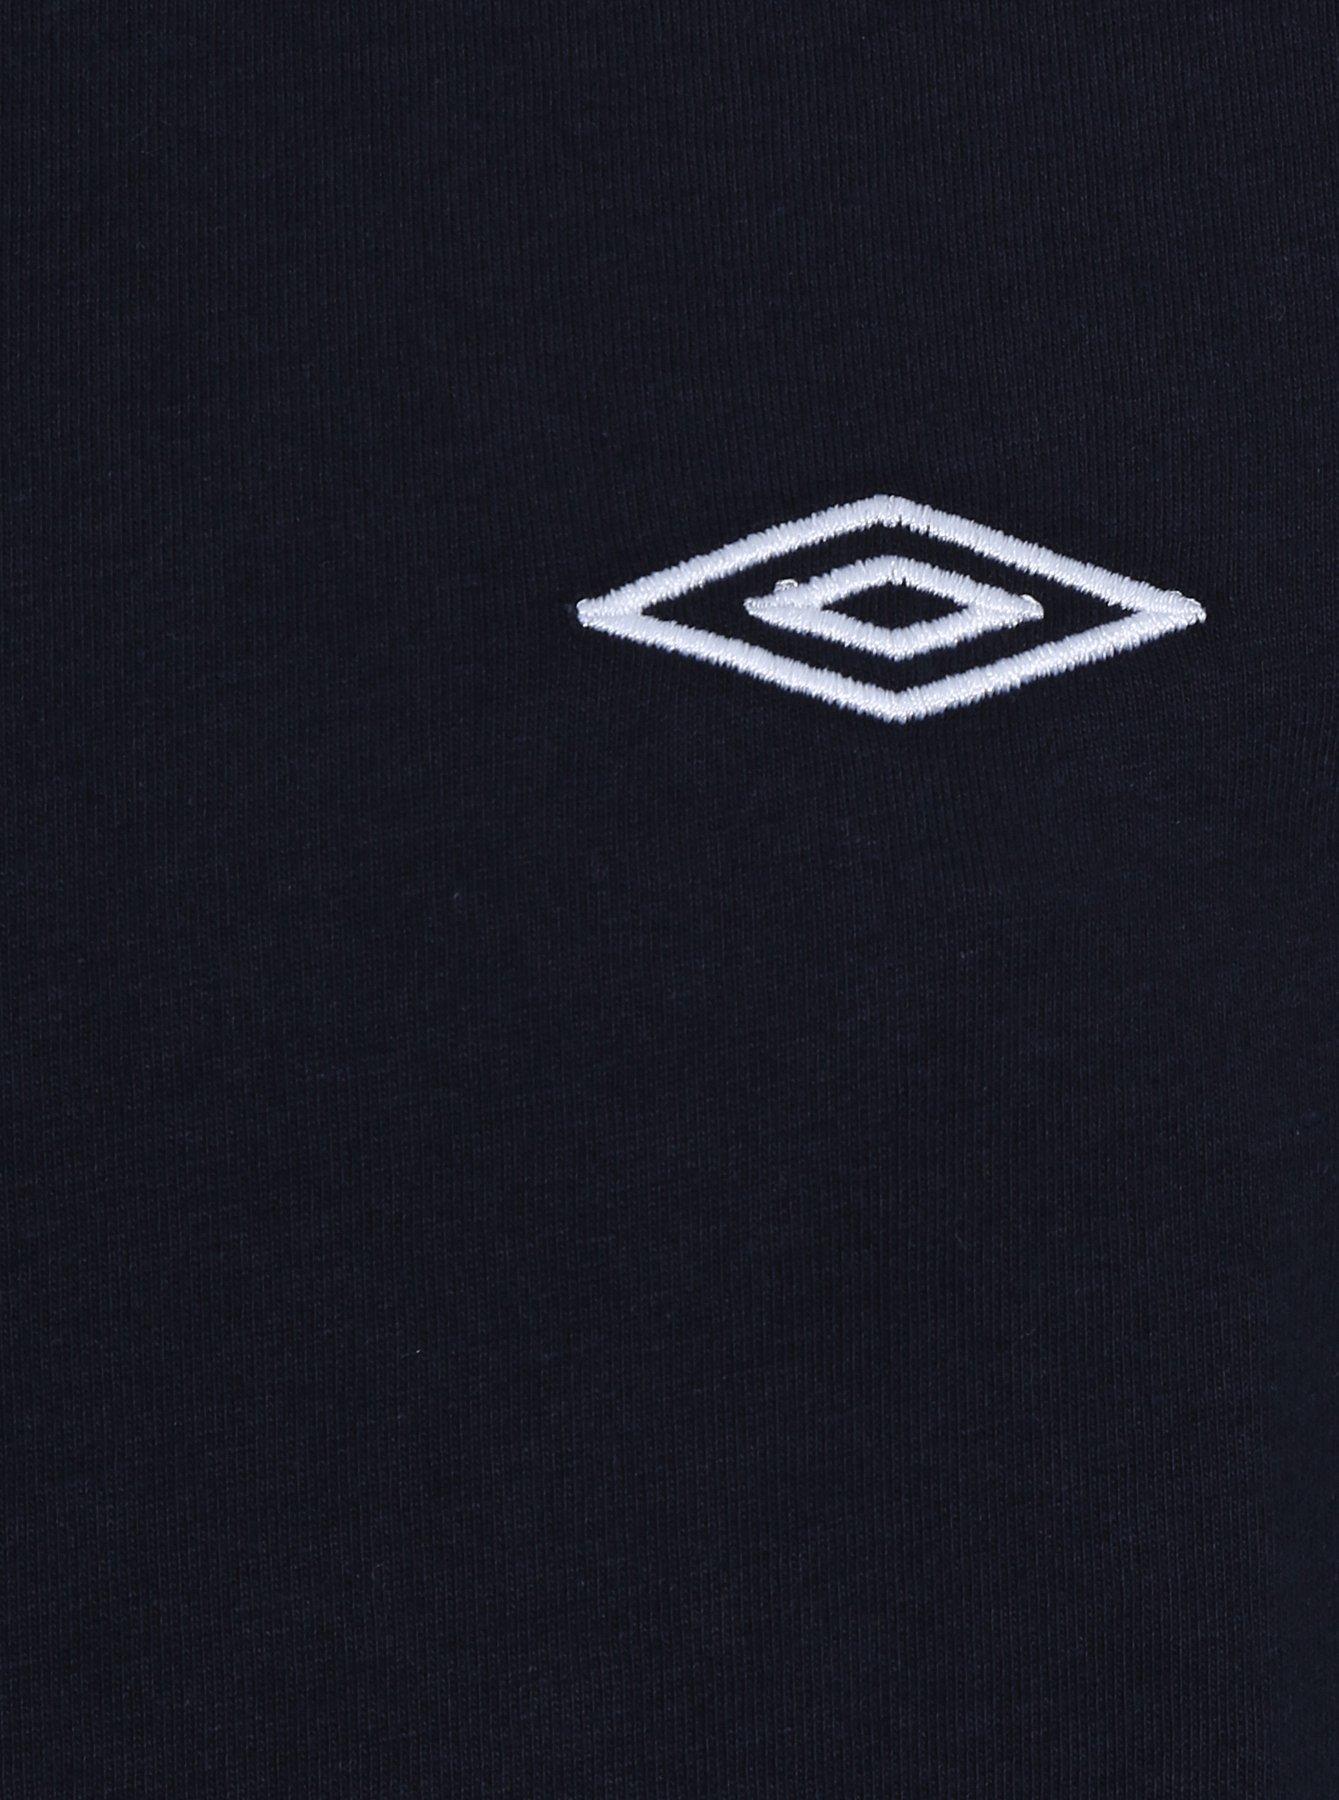 Black umbro t shirt - Black Umbro T Shirt 15